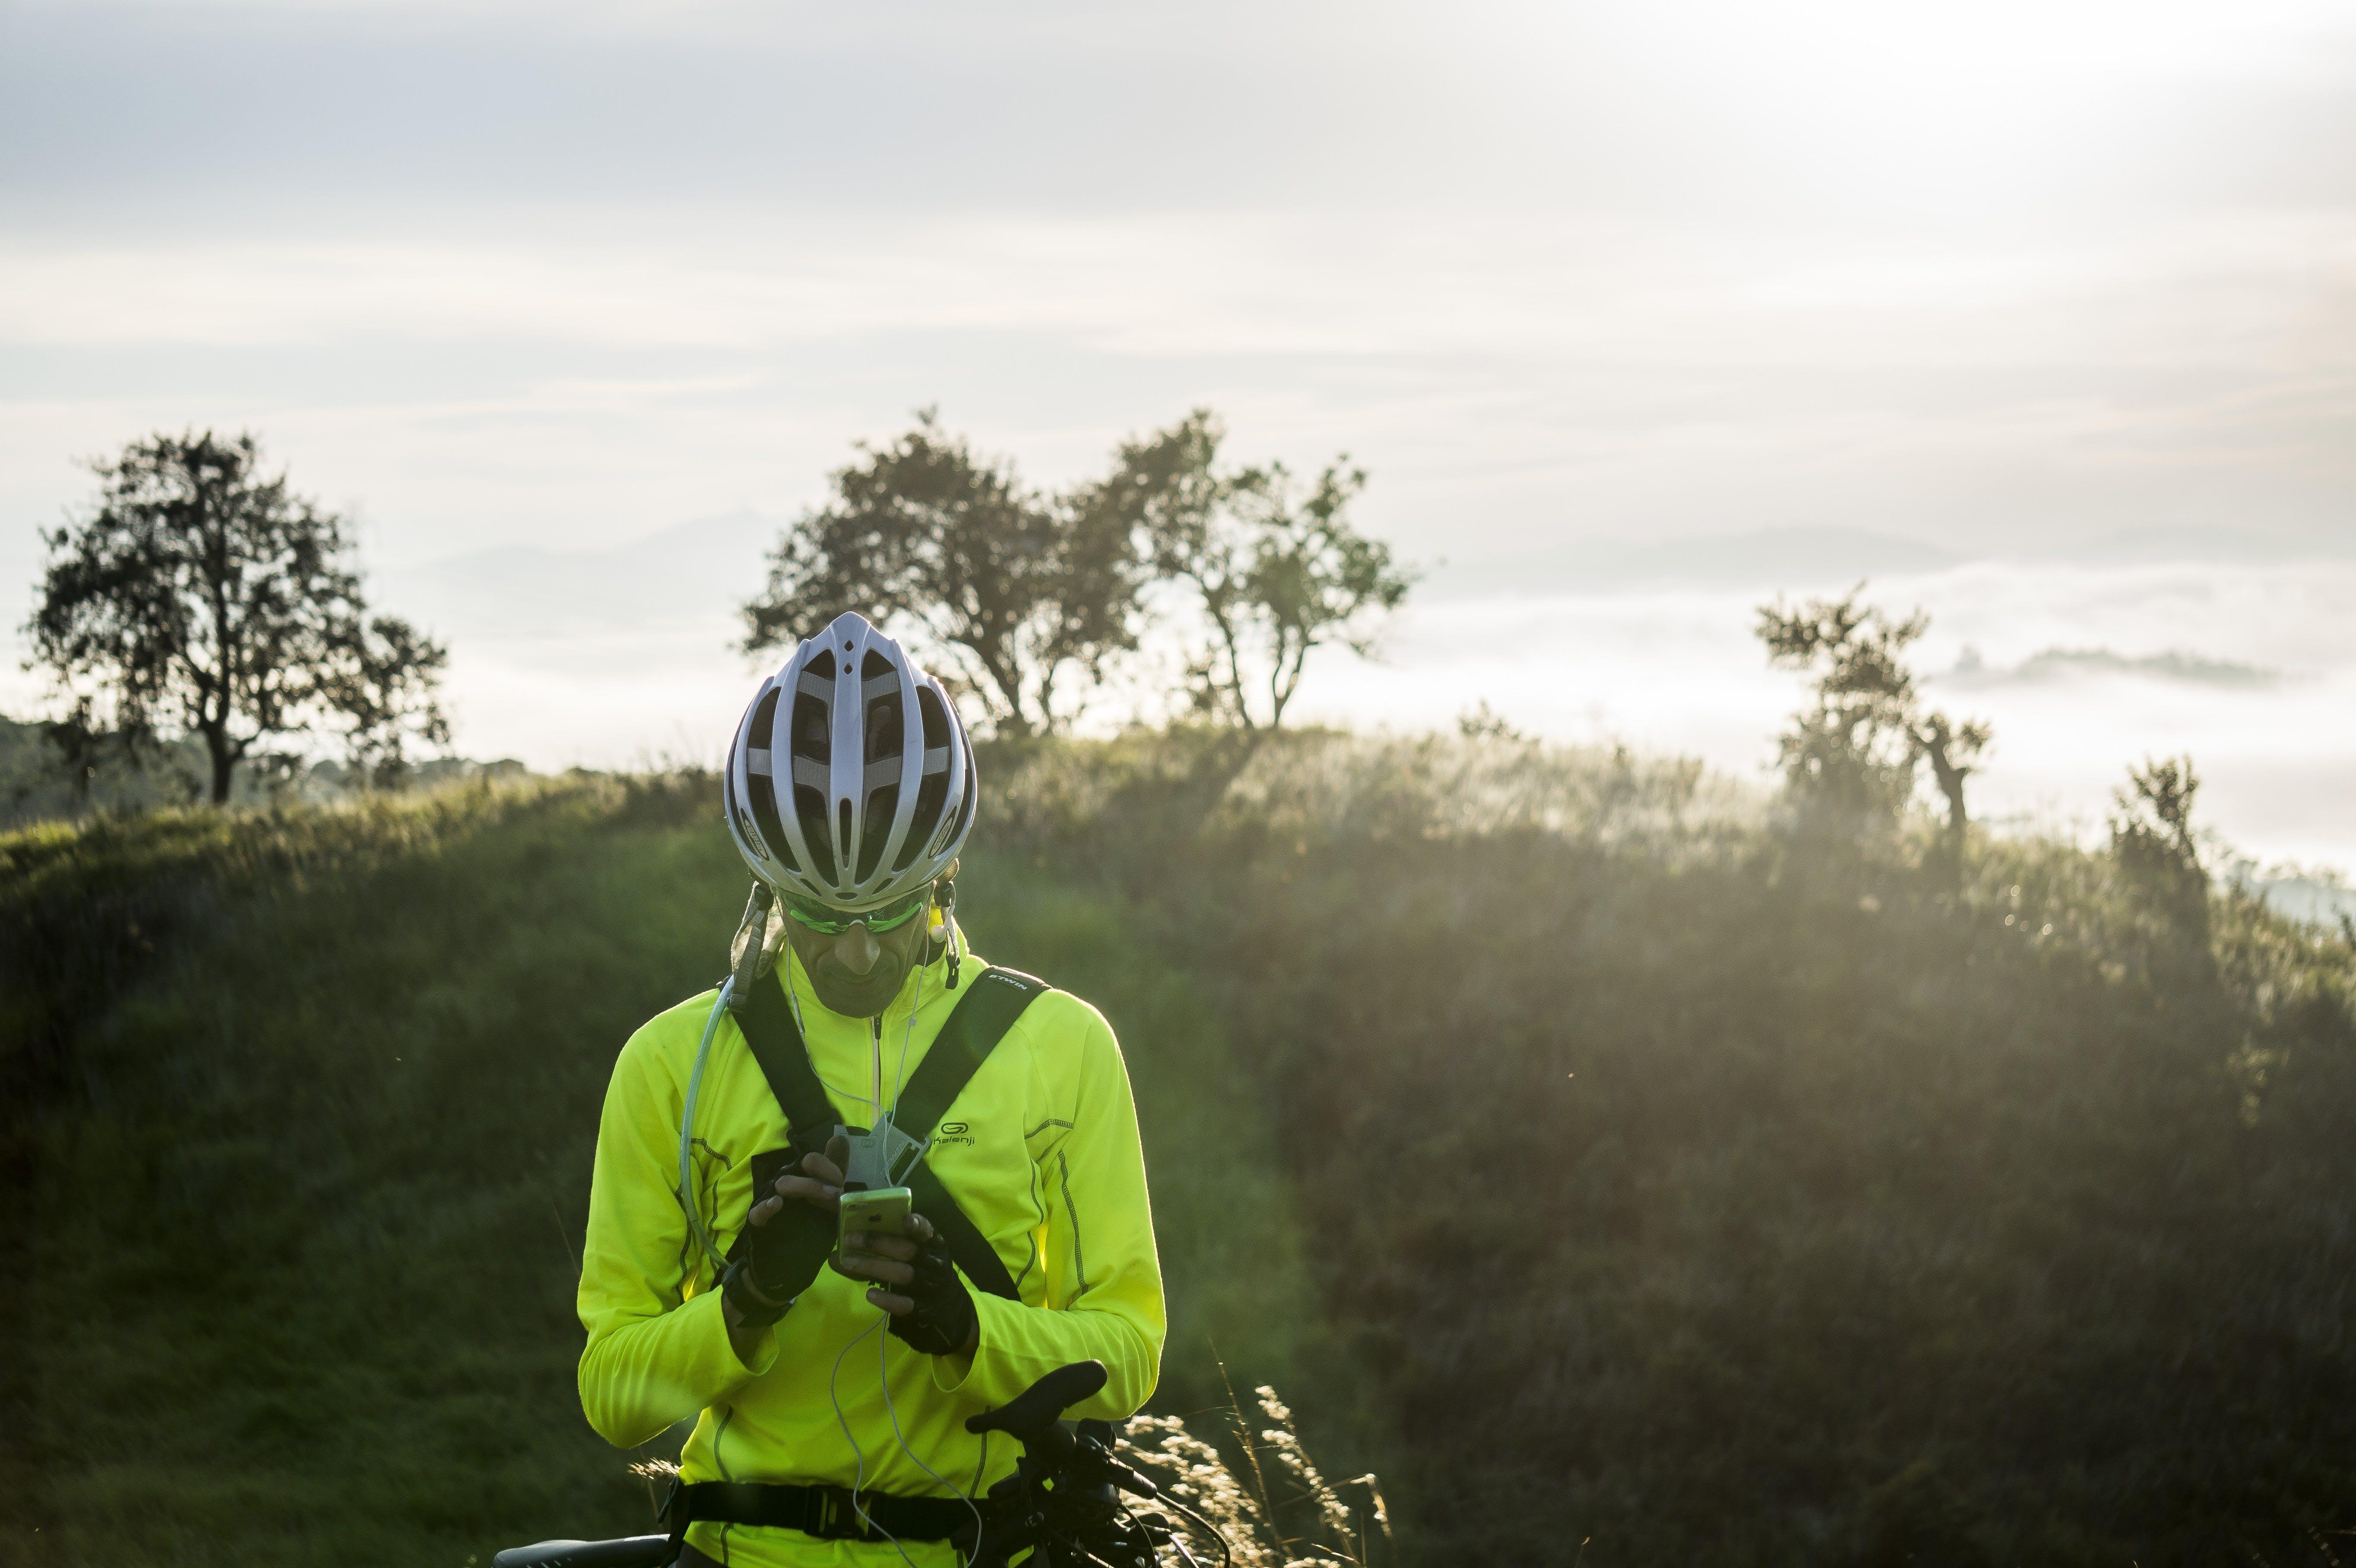 나무, 남자, 모험, 사이클 선수의 무료 스톡 사진